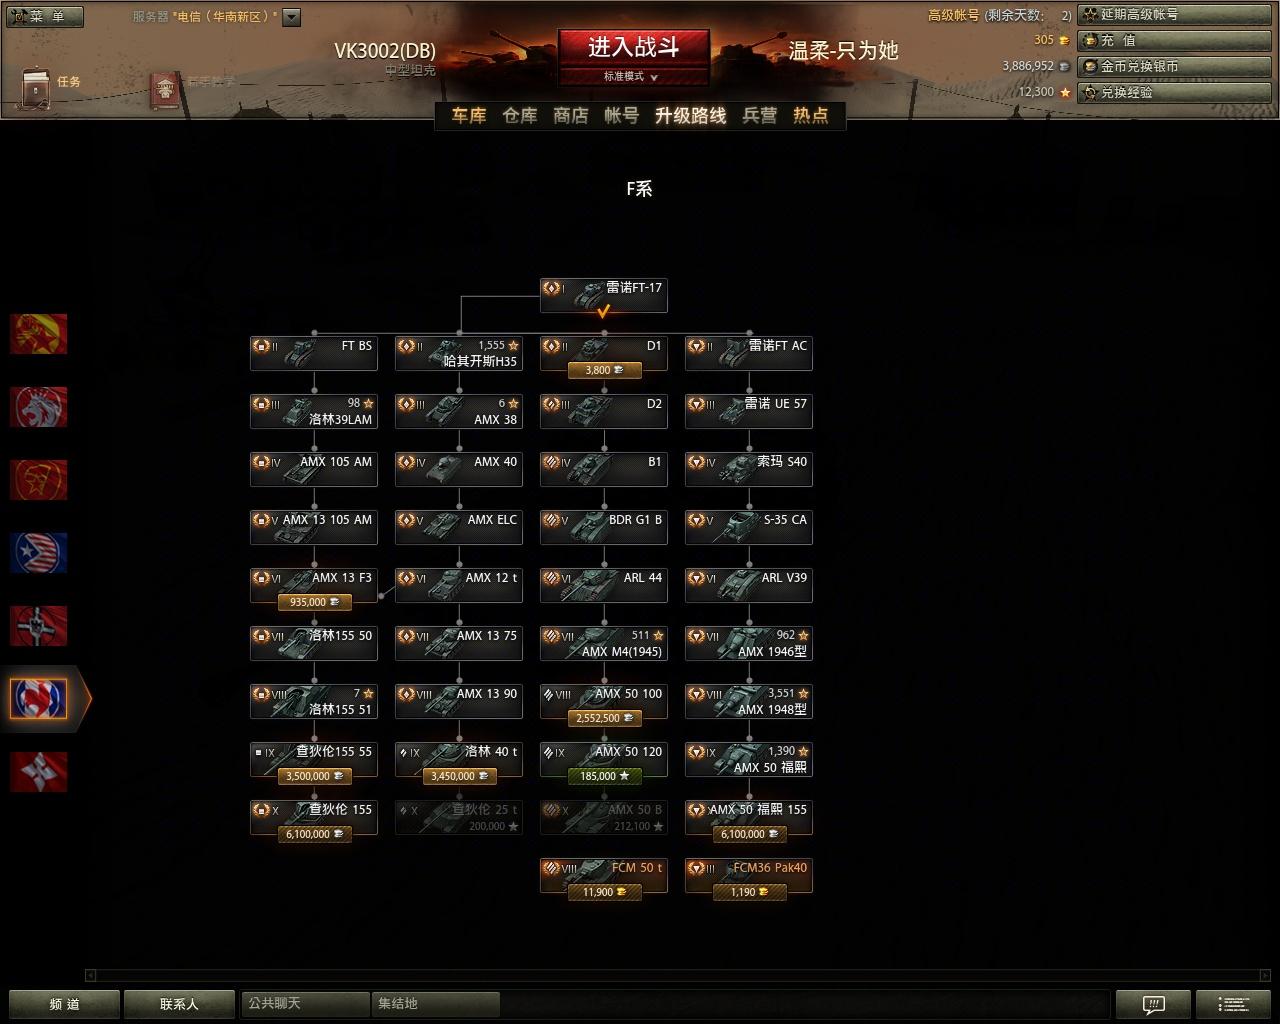 坦克世界f系升级路线